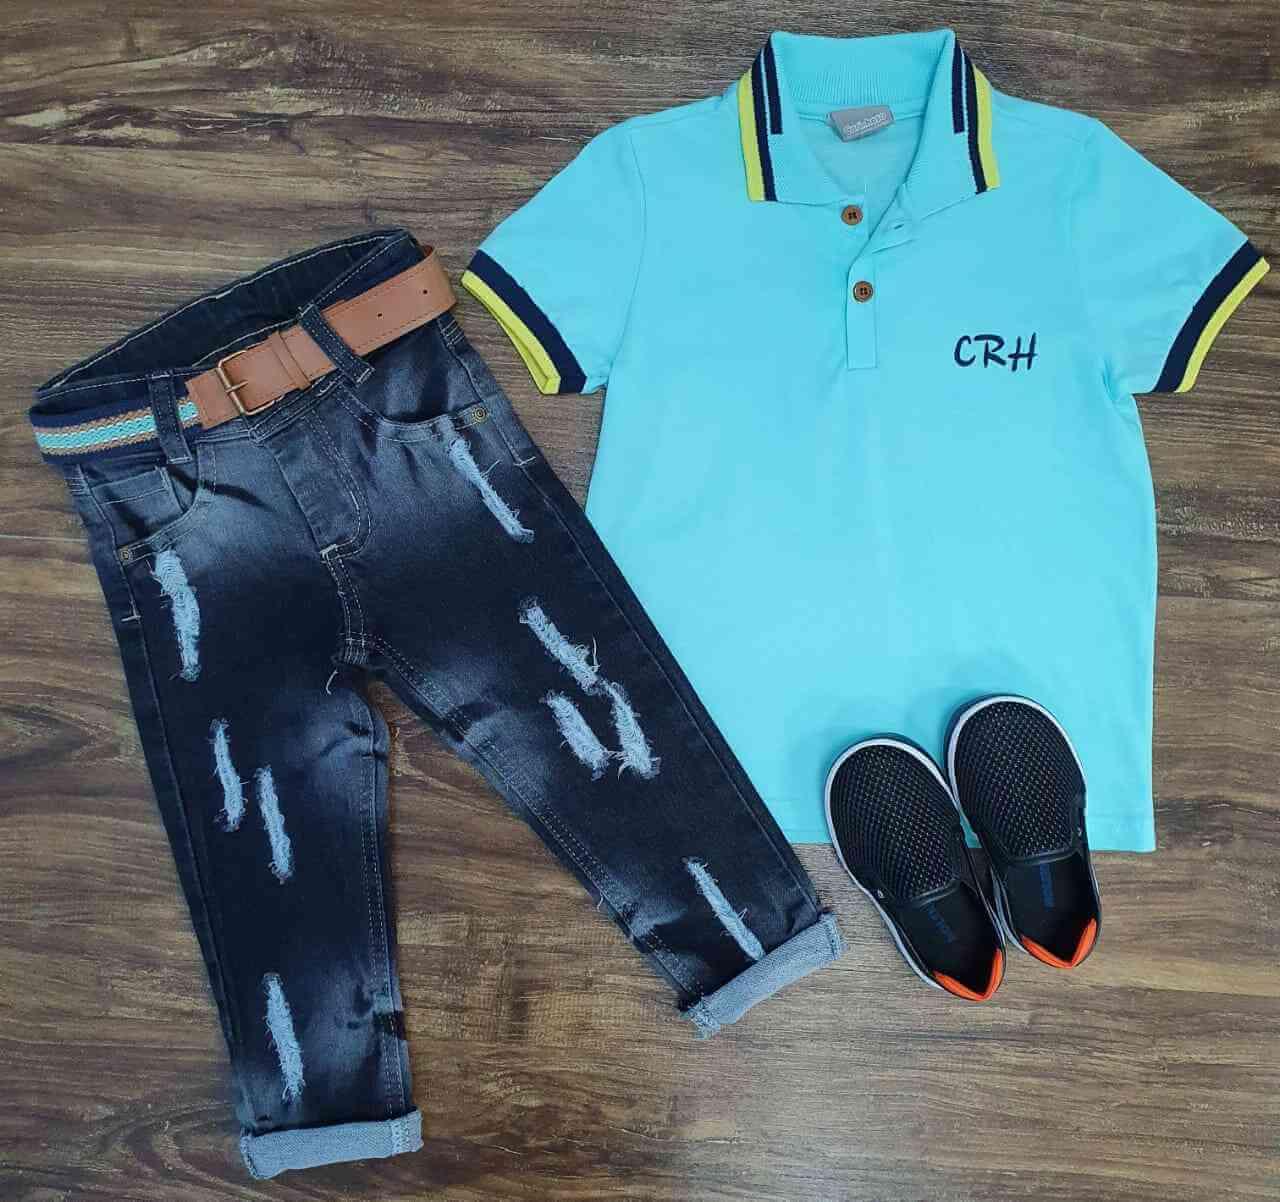 Calça Jeans com Polo CRH Infantil